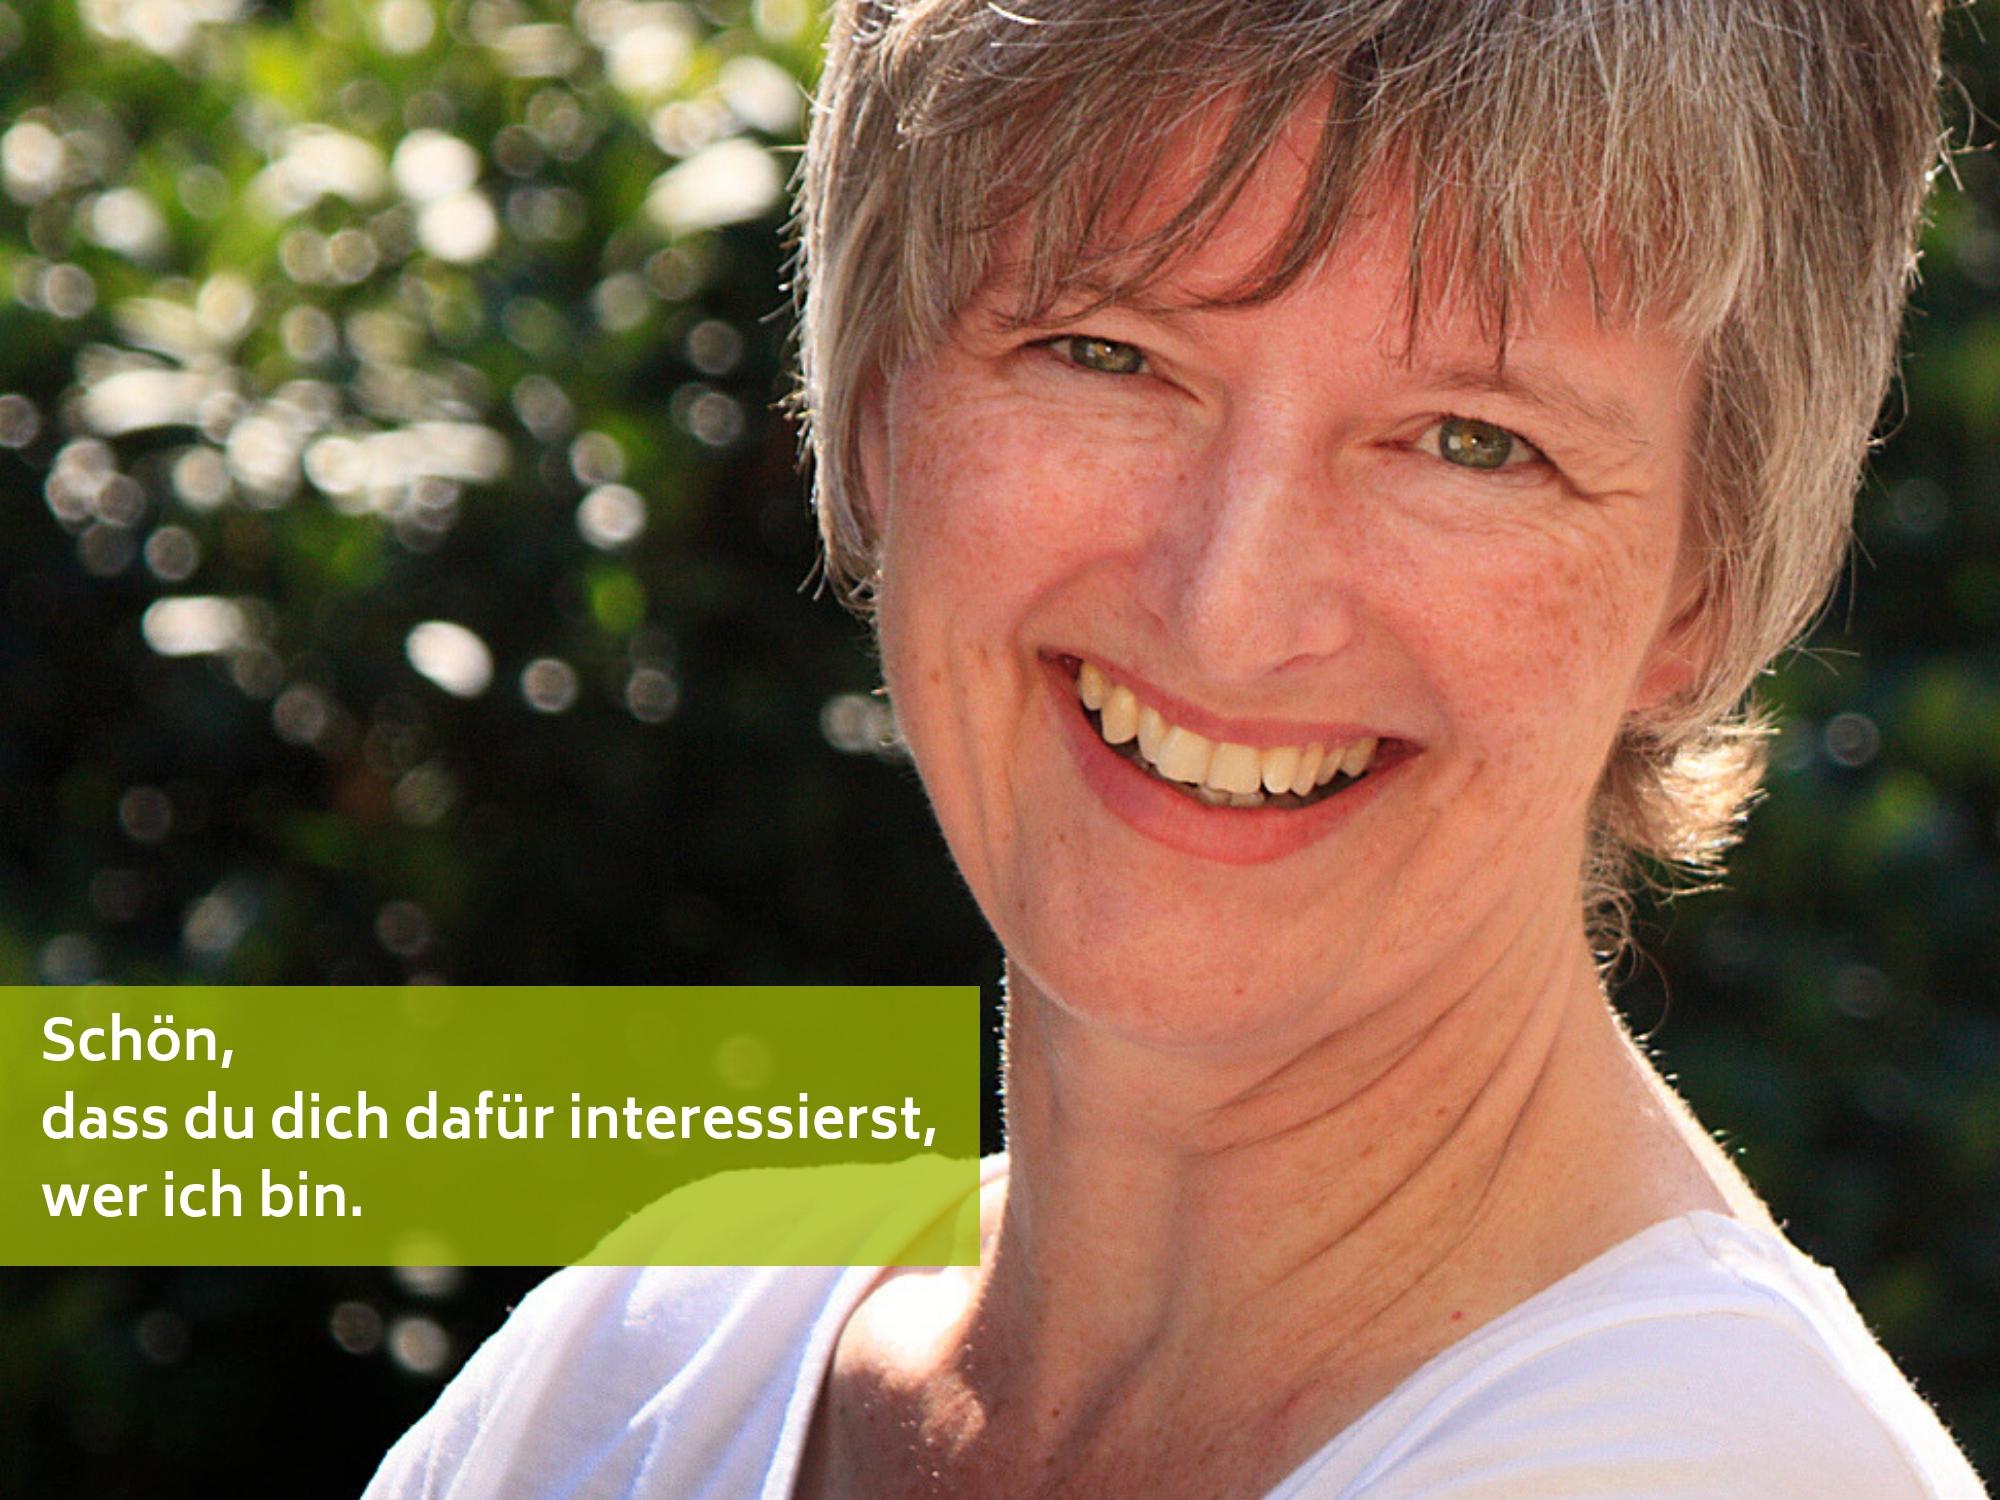 Claudia Rehder - Ein paar Worte über mich